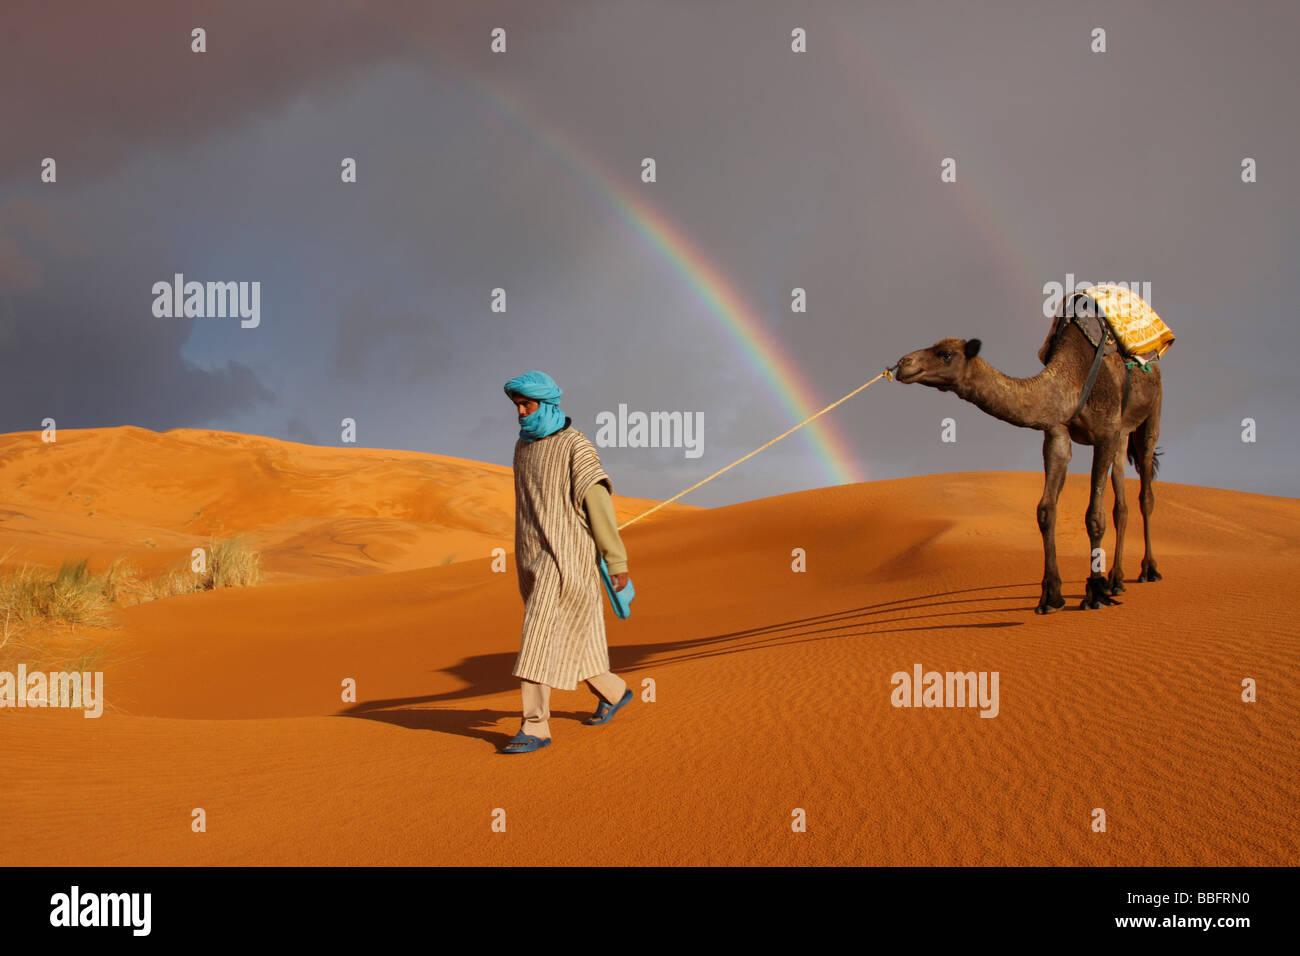 Afrique, Afrique du Nord, Maroc, Sahara, Merzouga, Erg Chebbi, Berbère Tribesman menant Camel, arc-en-ciel dans le désert Banque D'Images